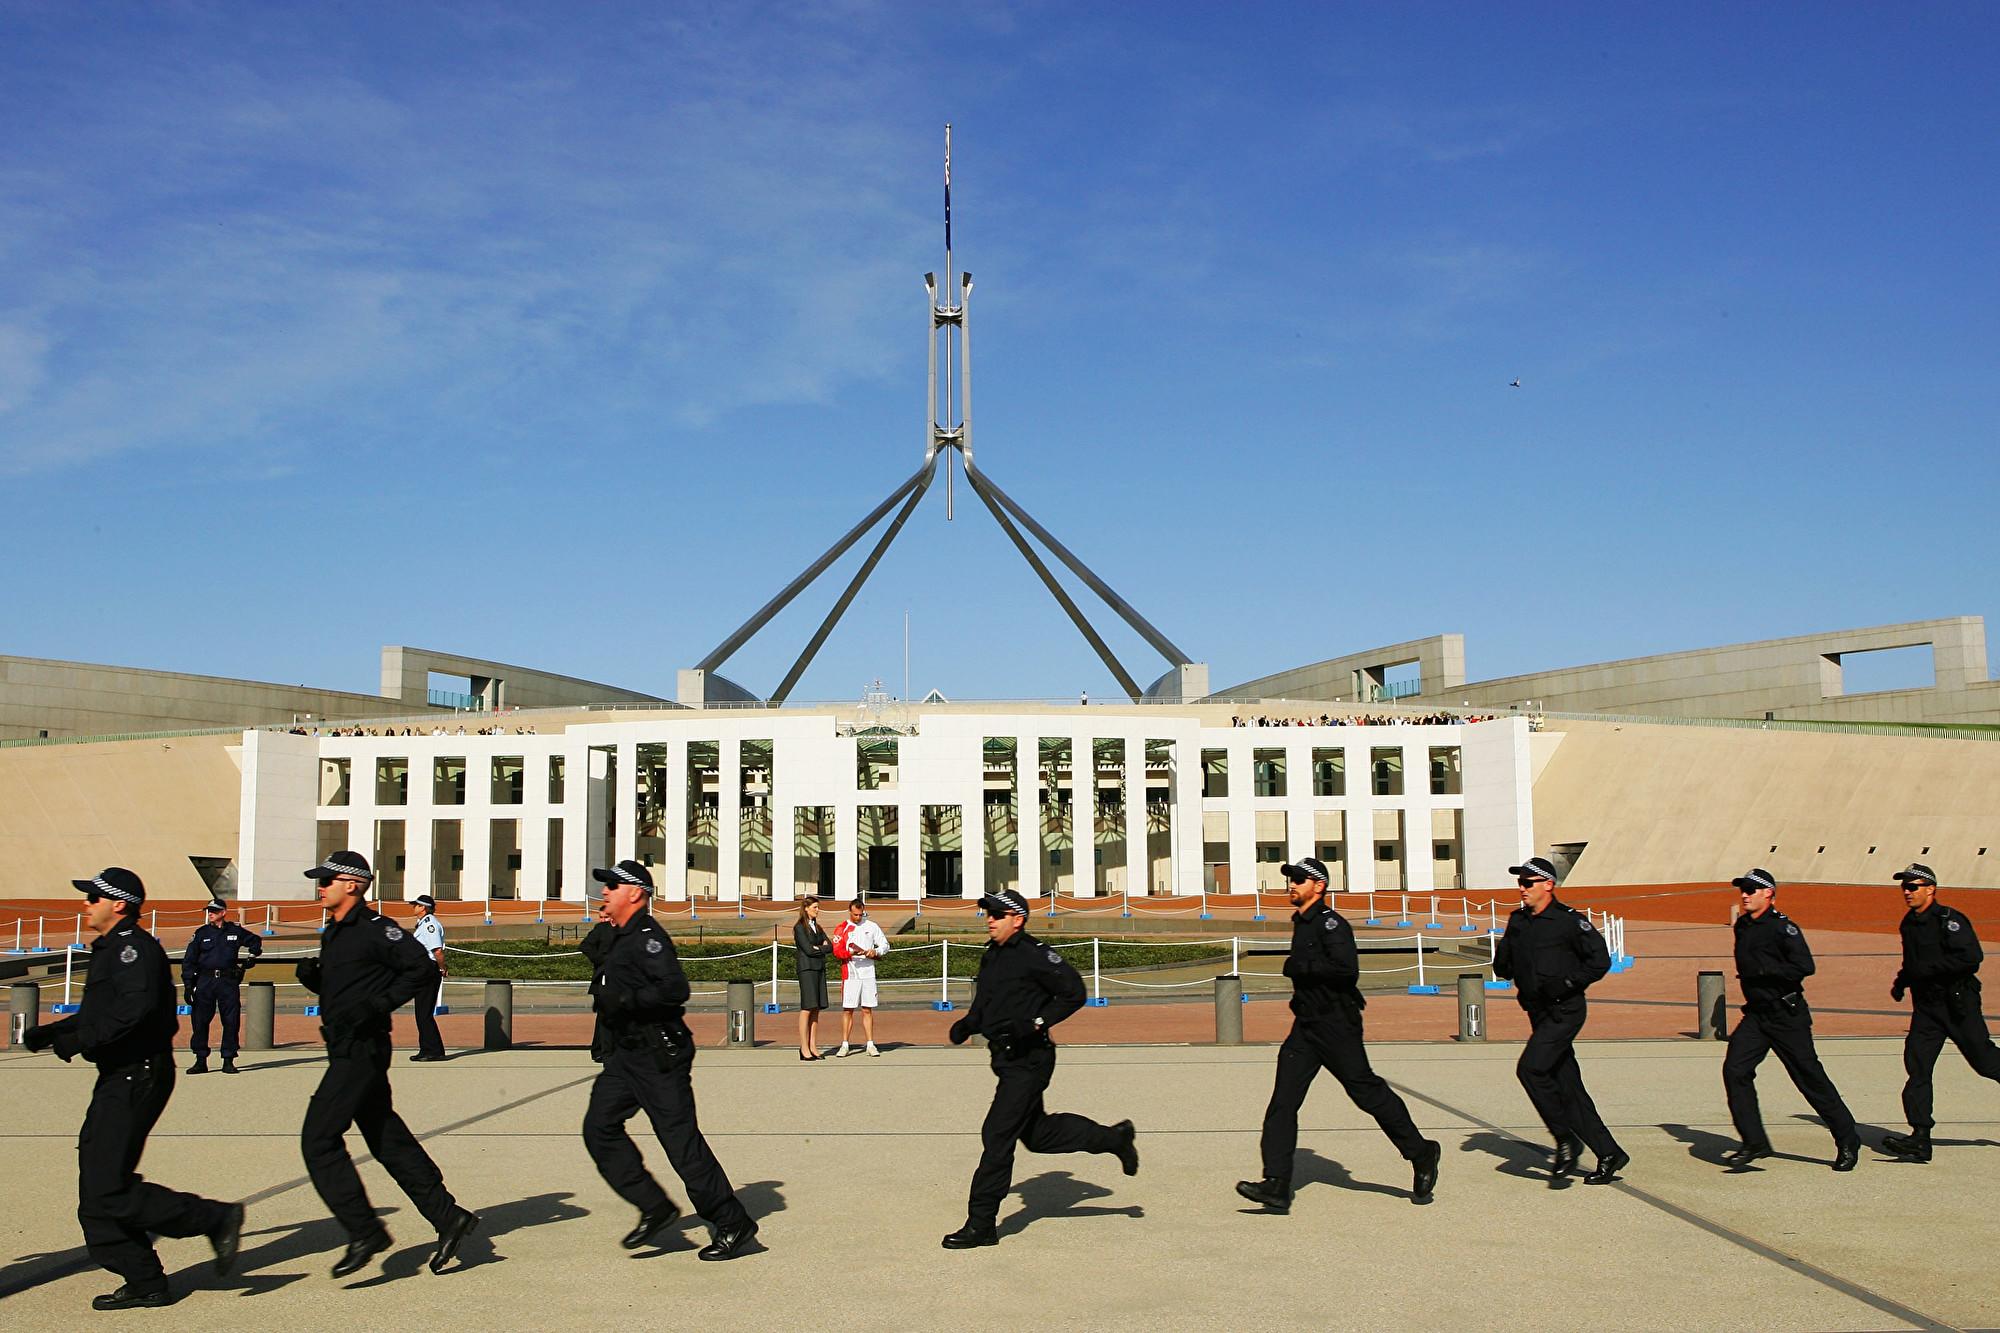 一個多年潛伏的特工落網,澳洲面臨間諜侵擾和境內外國間諜數量,情況遠超冷戰時期。圖為澳洲聯邦國會大廈。(Matt King/Getty Images)